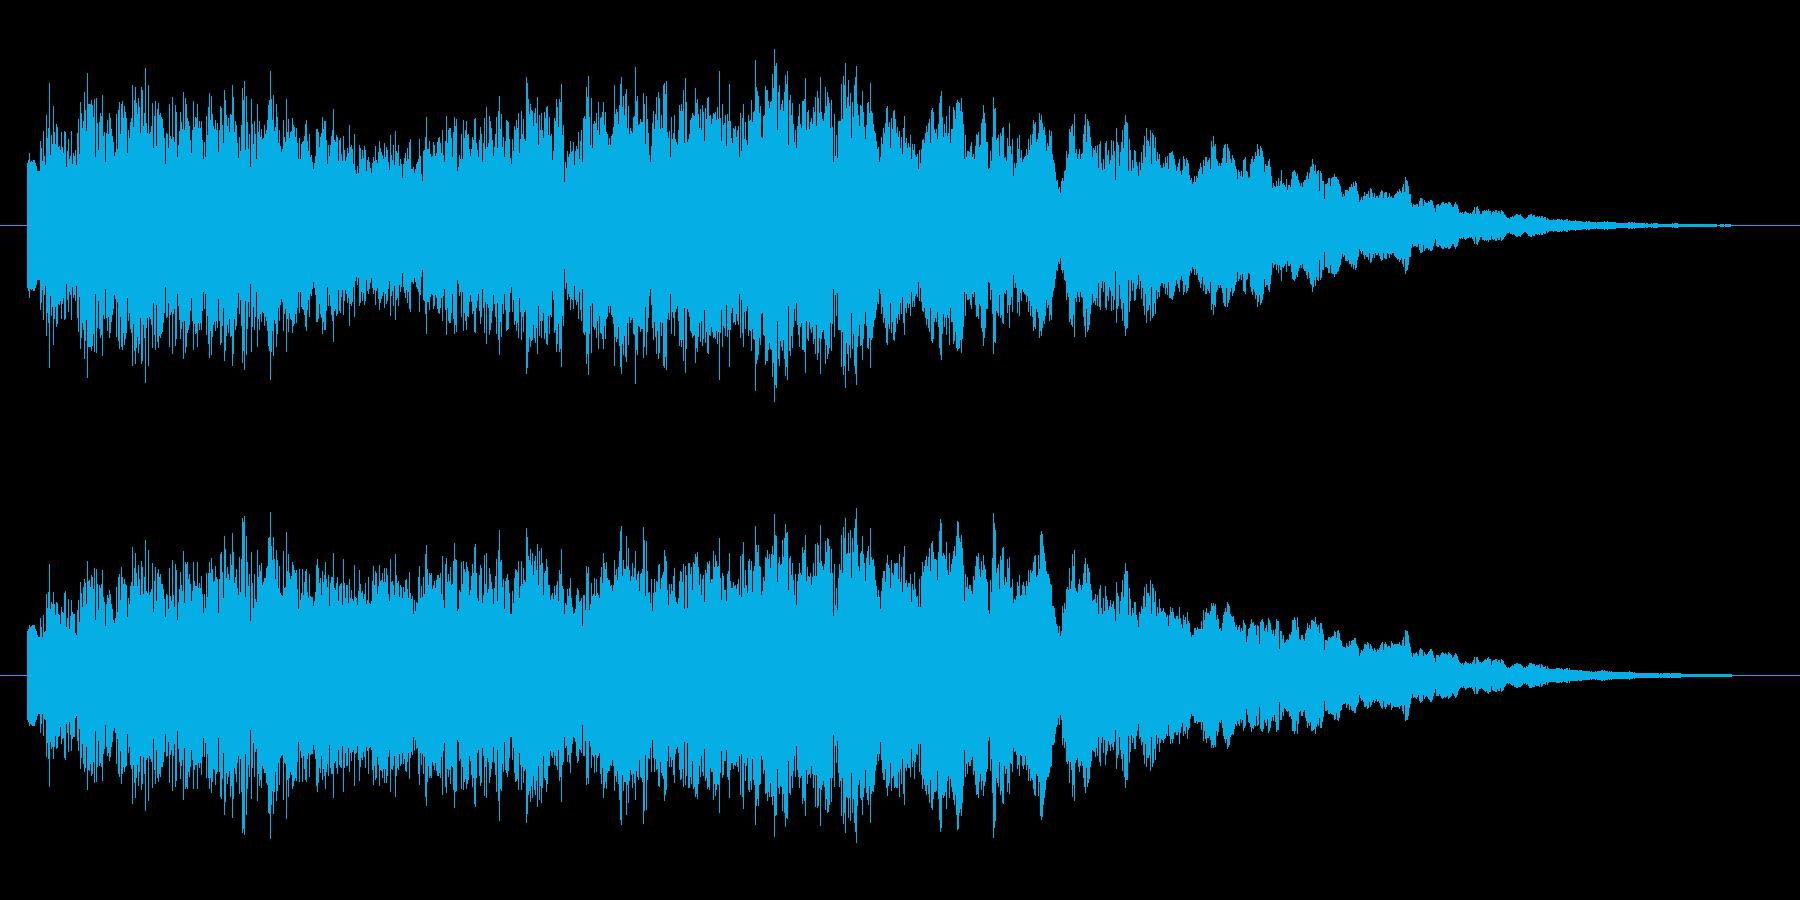 サウンドロゴ 可愛らしいチャイムの再生済みの波形